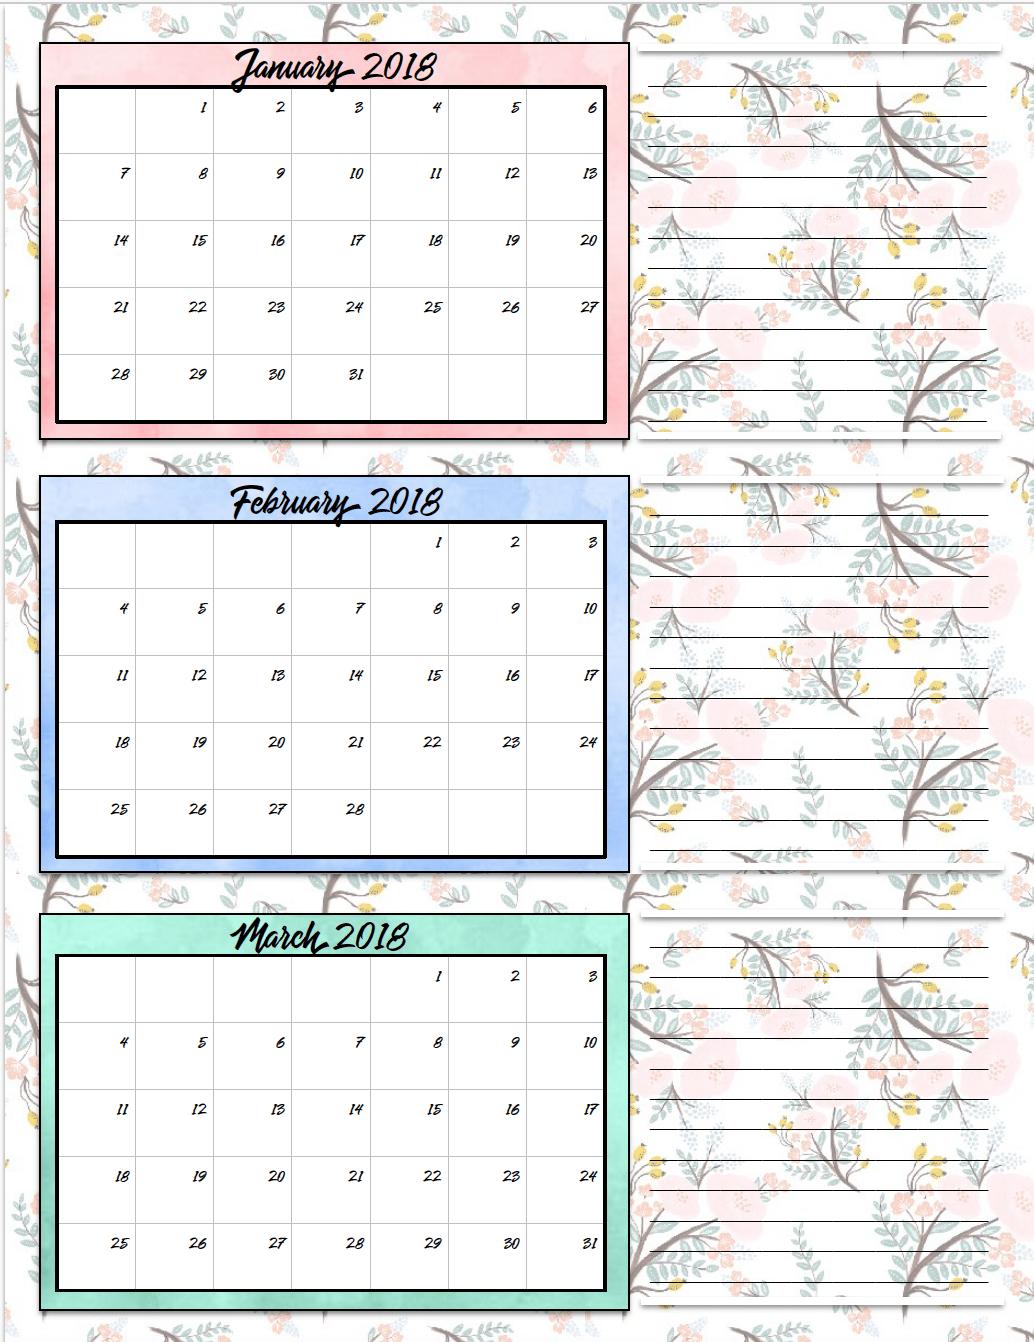 quarterly calendar template 2018